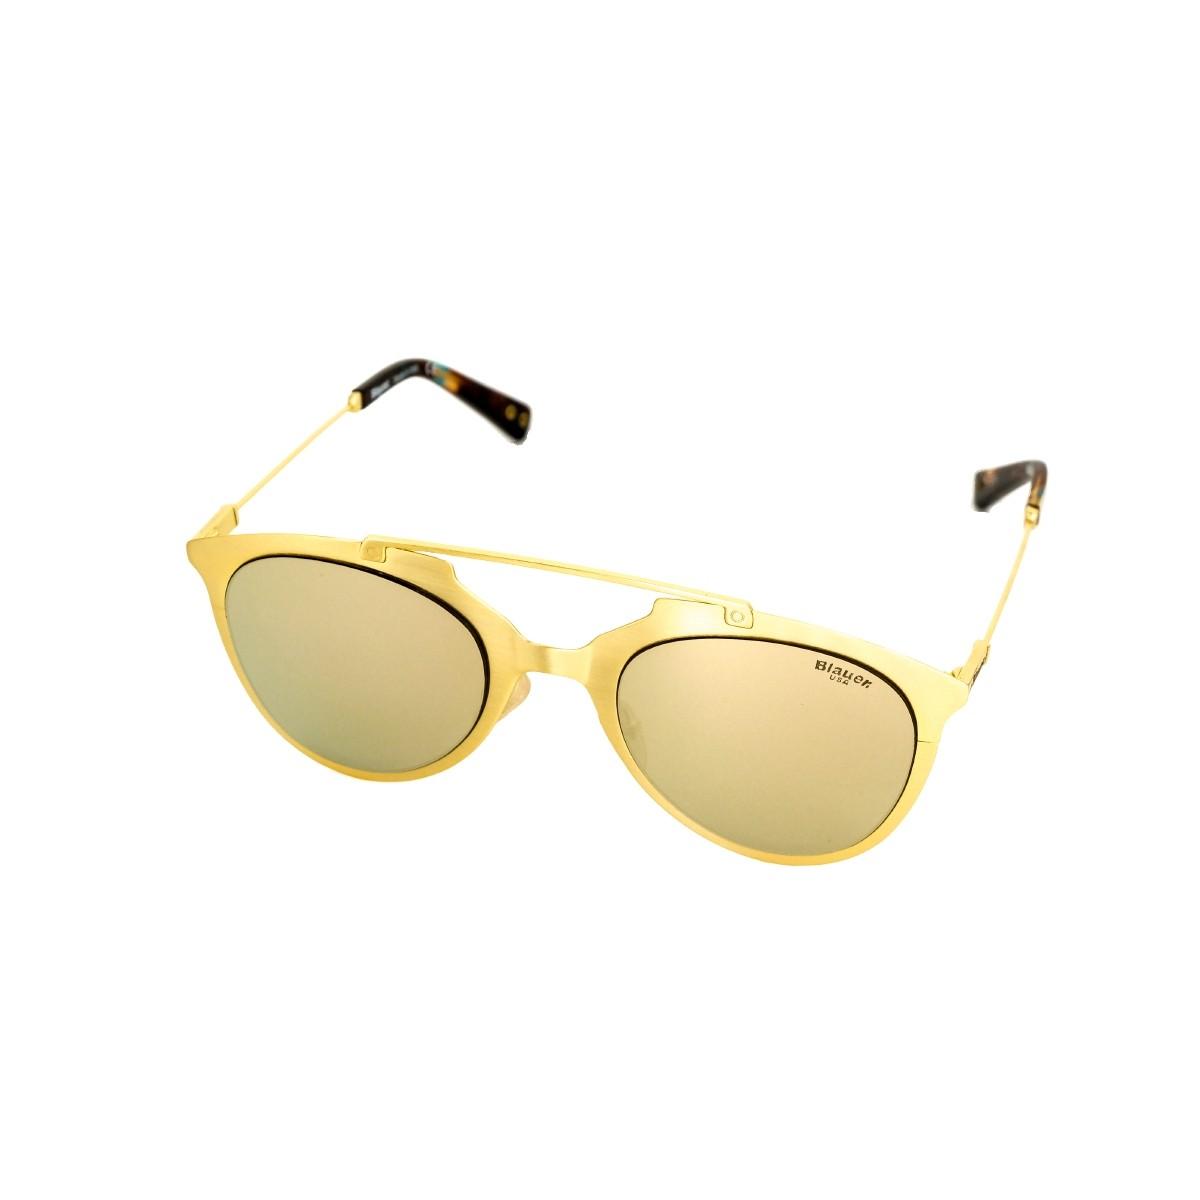 Blauer 508 oro 06, 108,00€, Occhiali Blauer Oro a forma Goccia aviator